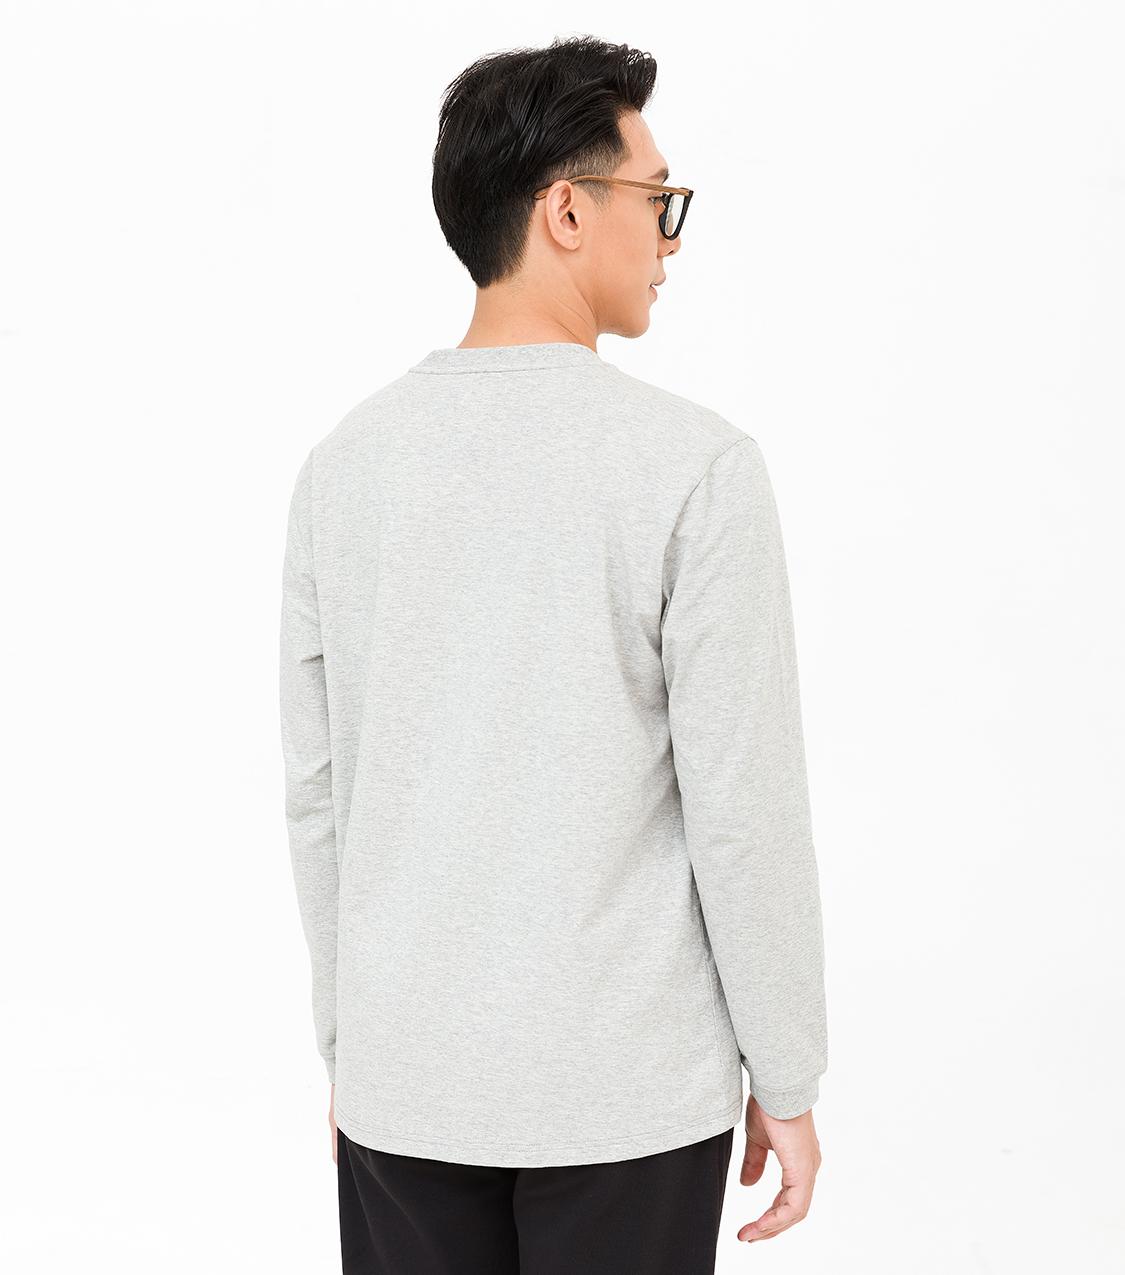 Áo thun dài tay nam Cotton Compact phiên bản Premium